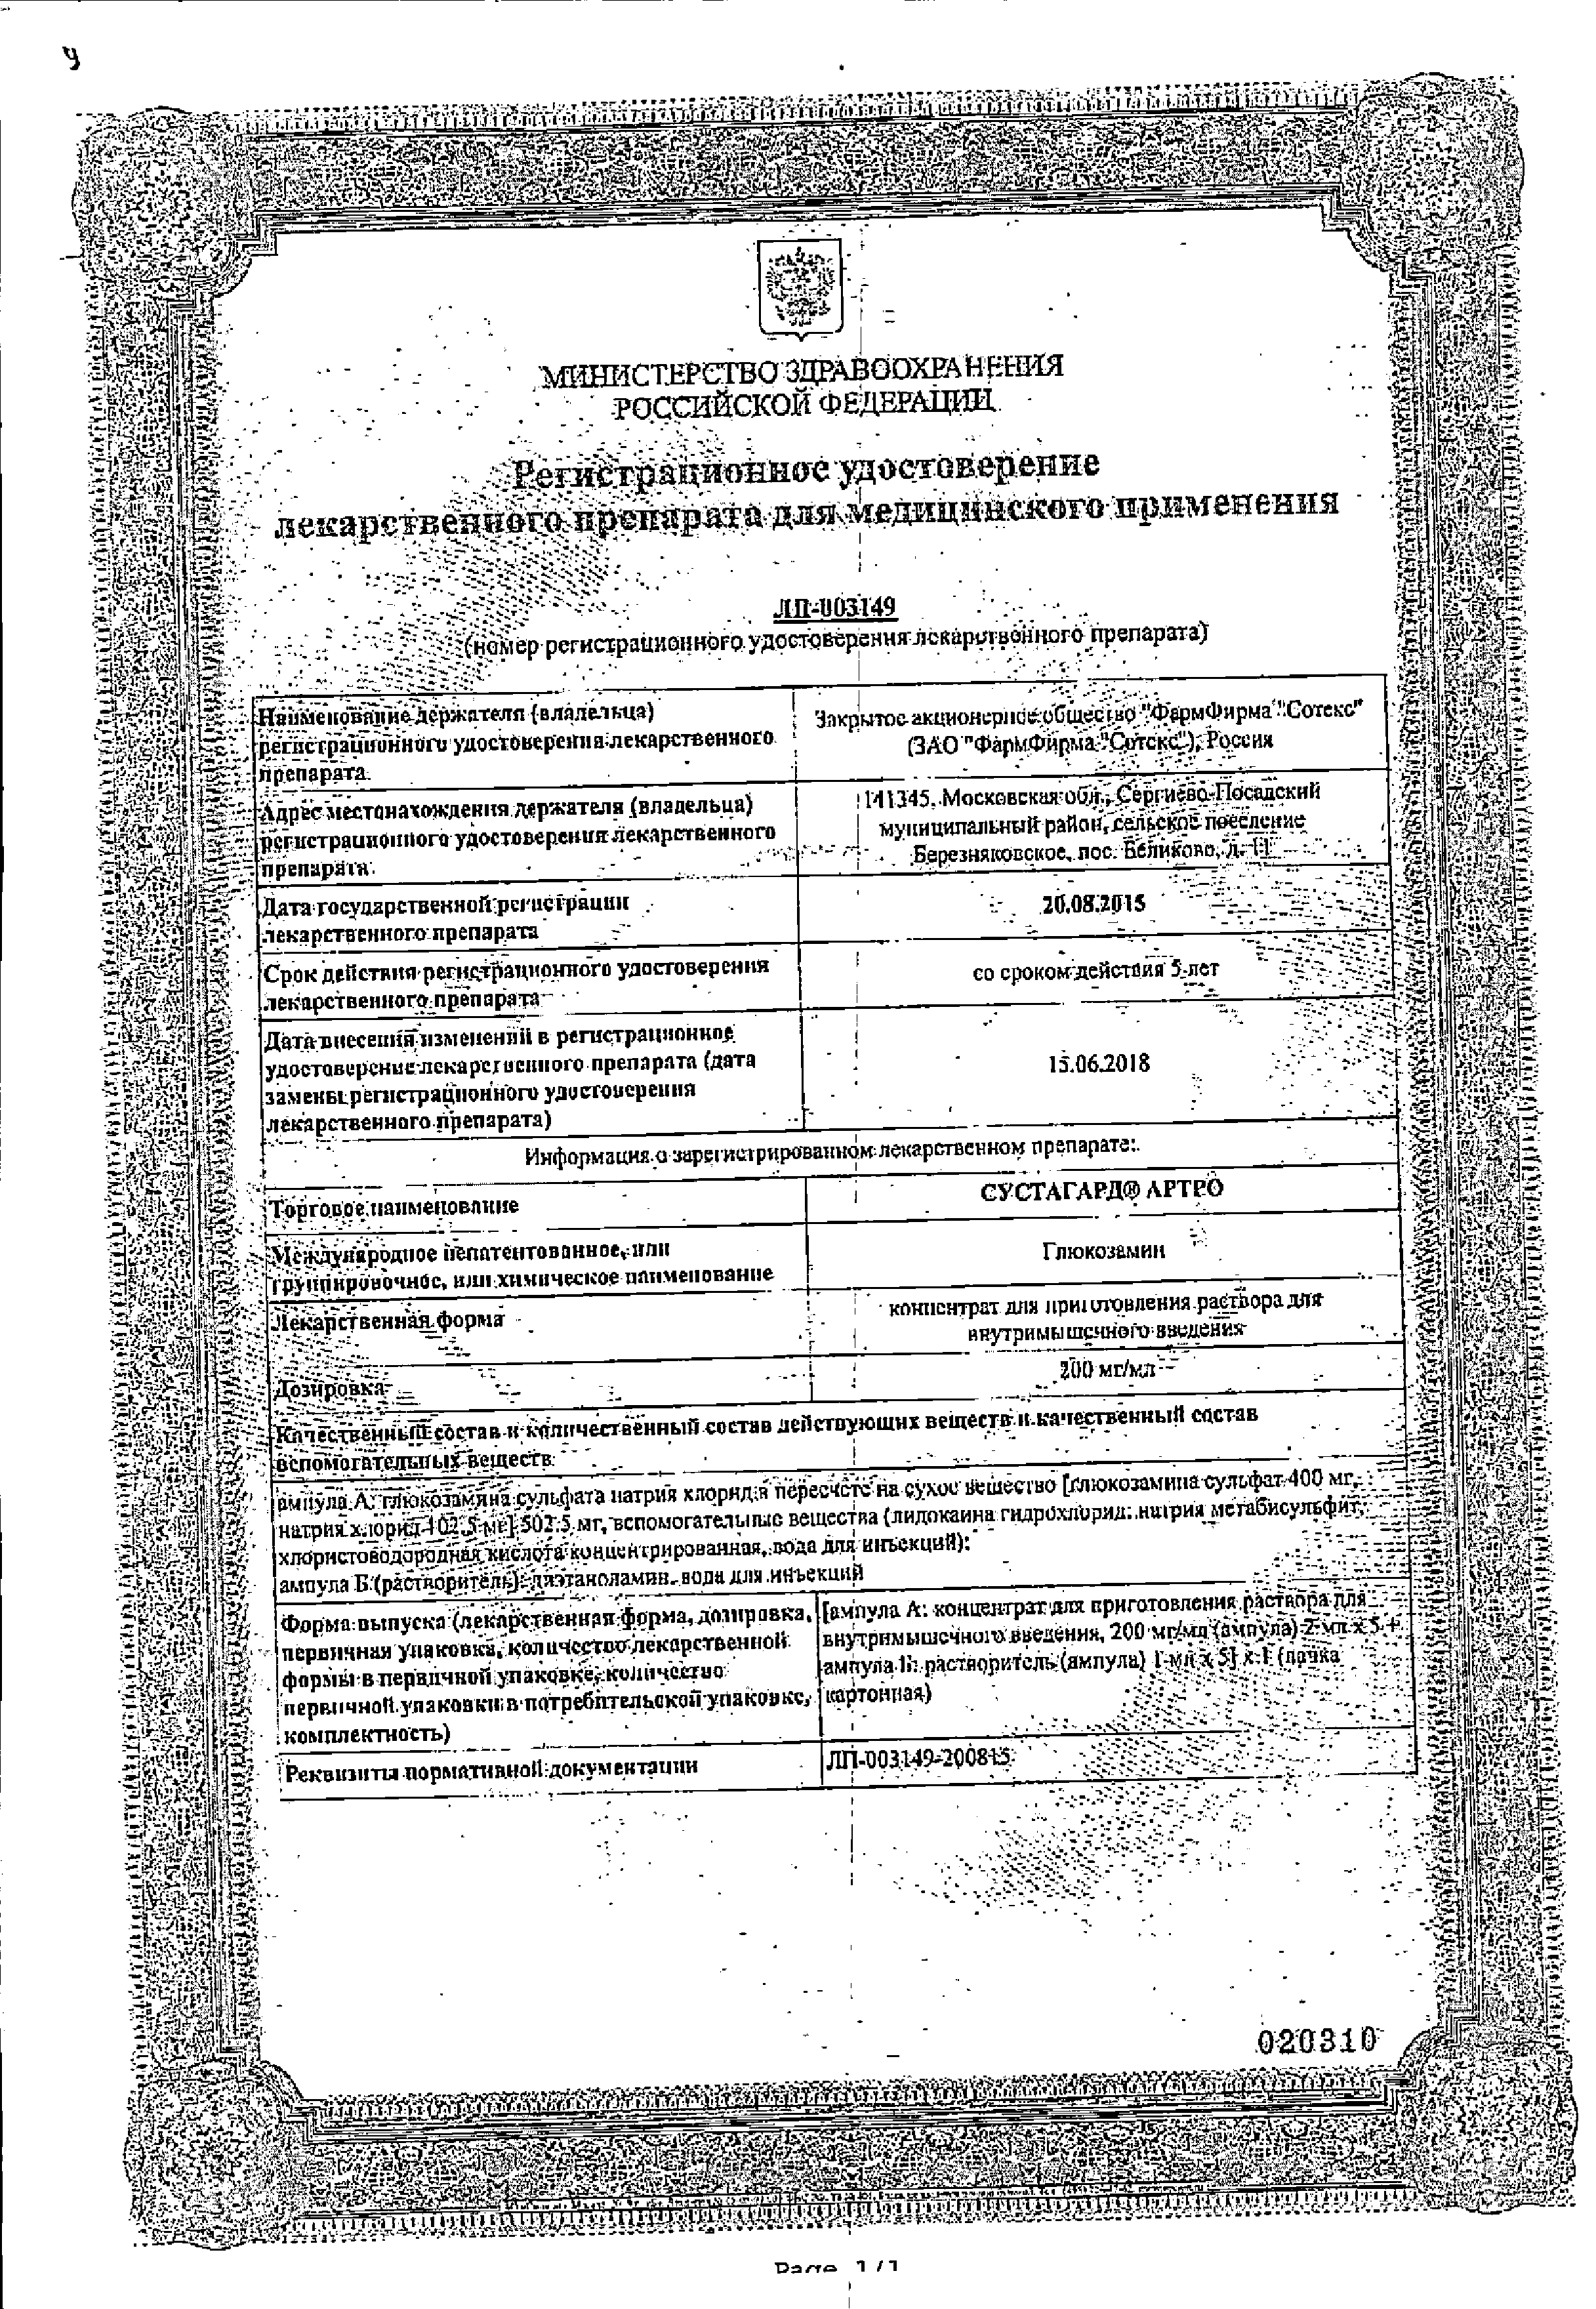 Сустагард Артро сертификат